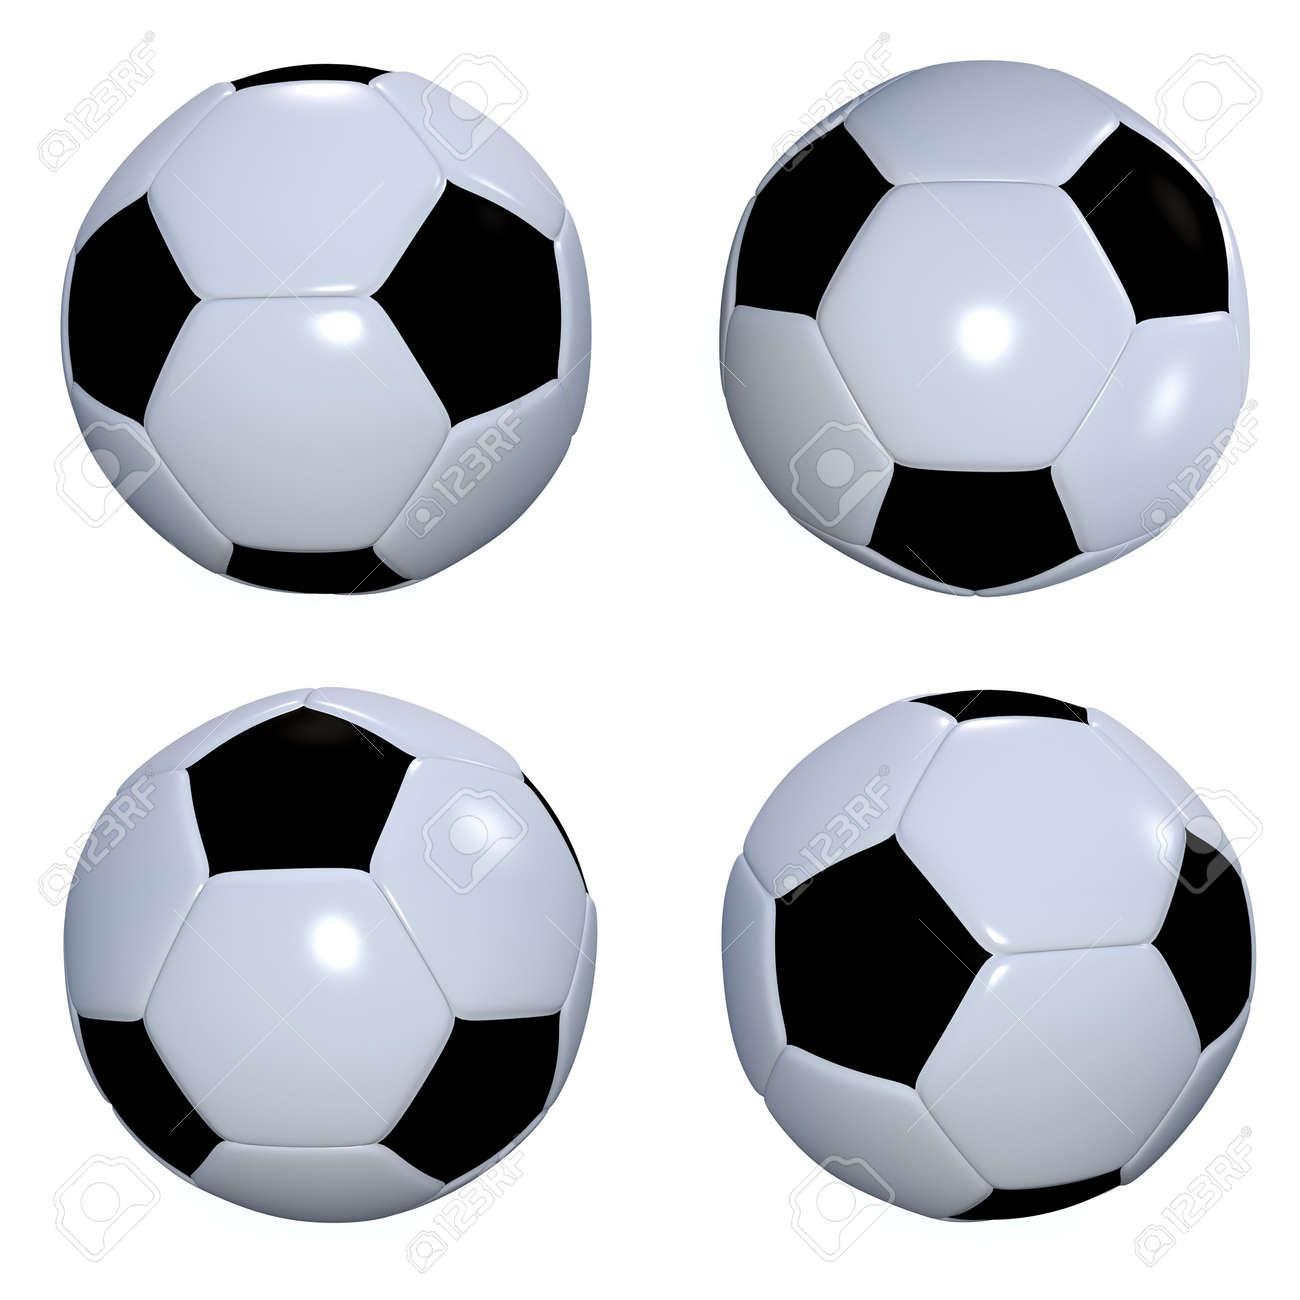 Colección de cuatro pelotas de fútbol blancos y negro o pelotas de fútbol  Foto de archivo 2798e37f48c4c